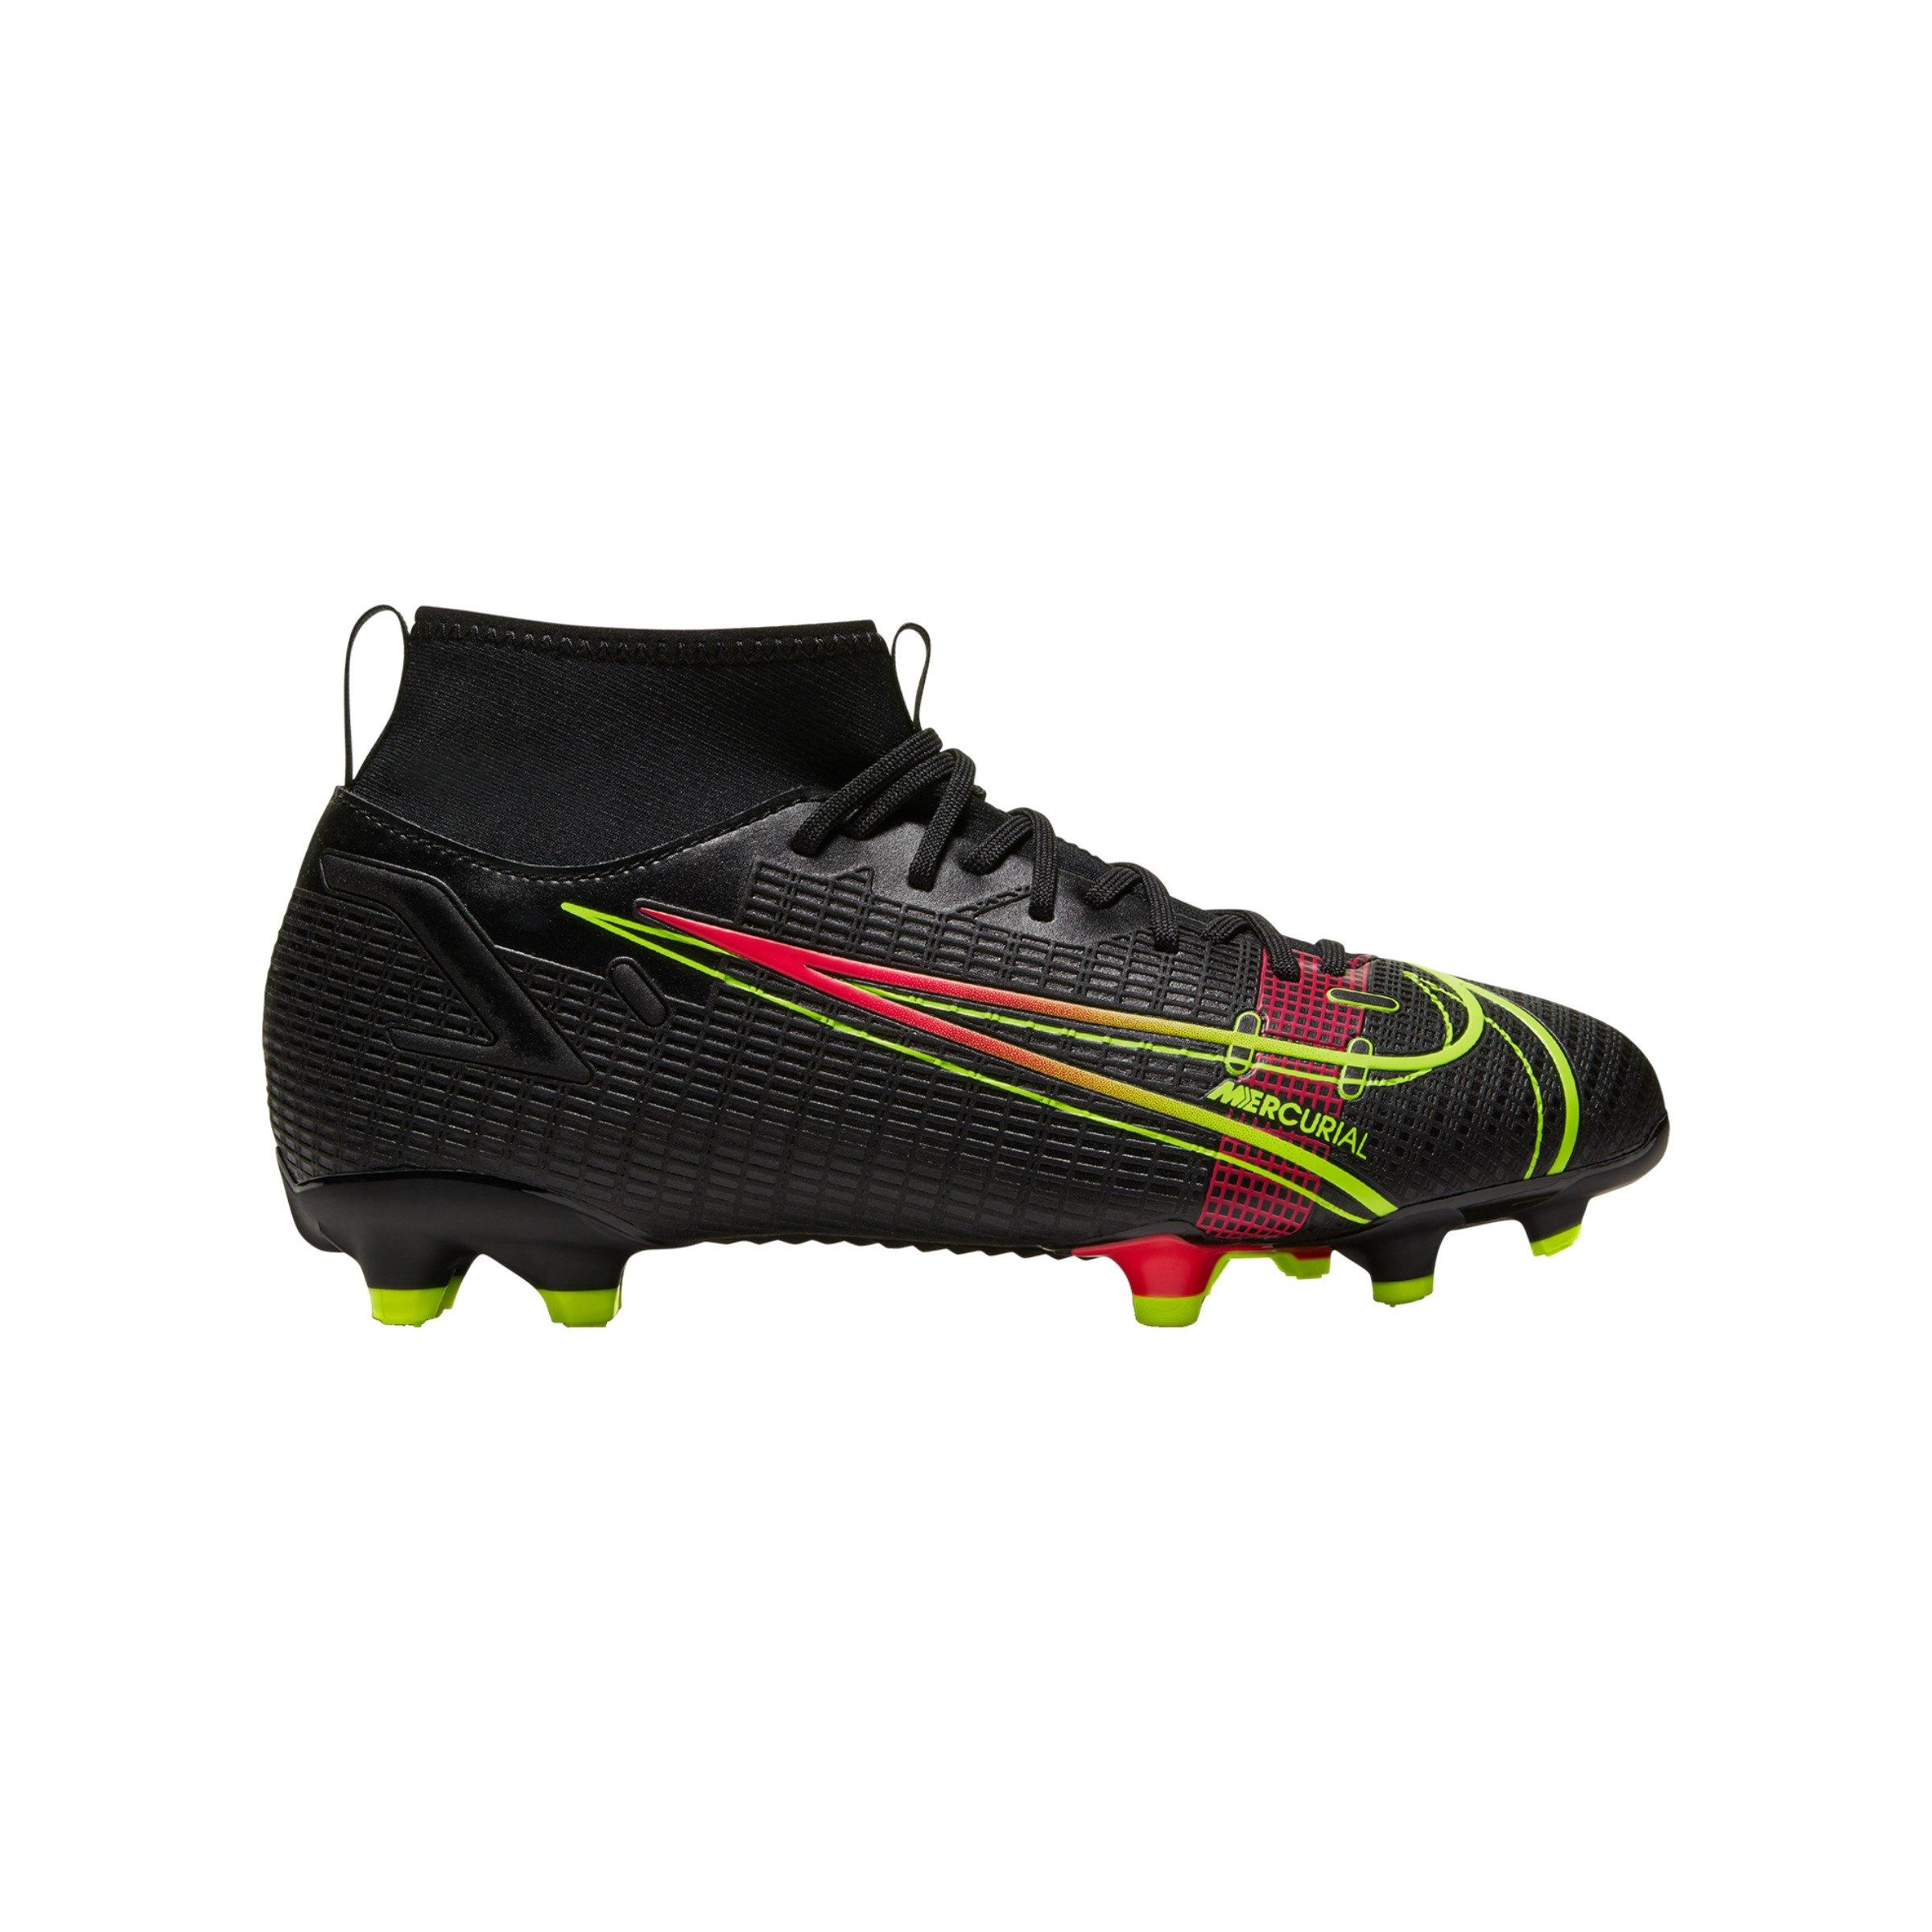 Nike Jr Mercurial Superfly VIII Academy FG/MG Kids - schwarz